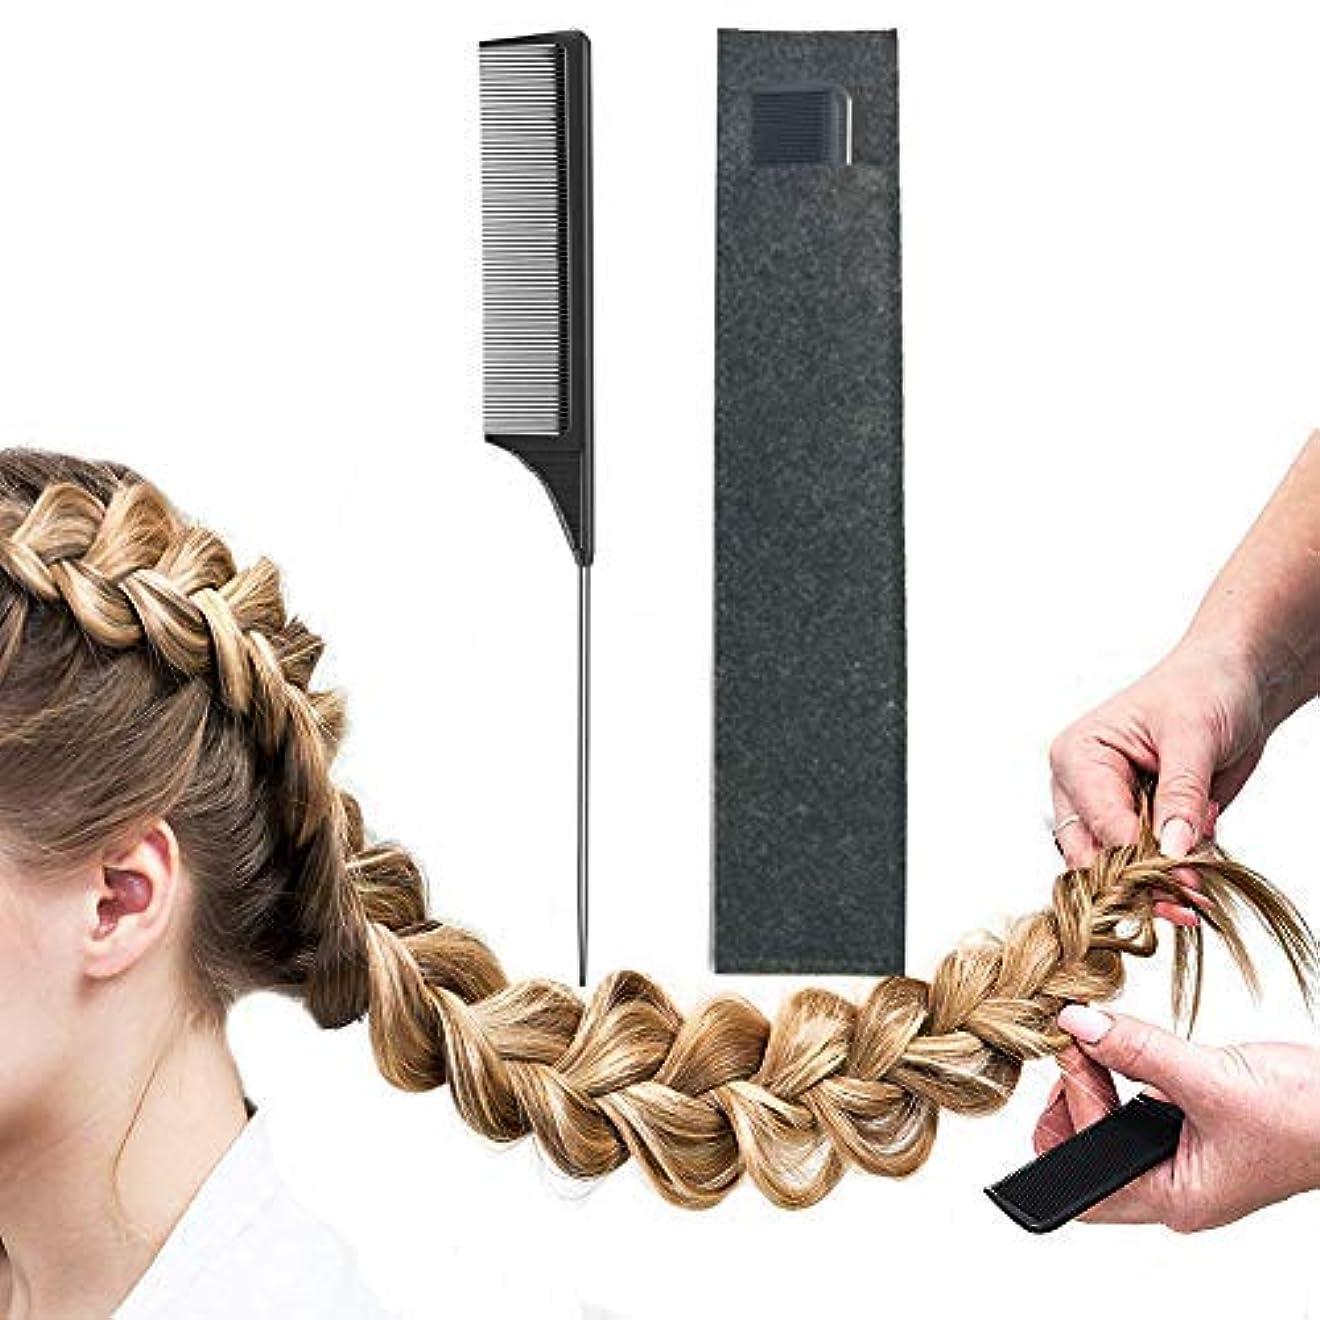 歩き回る文明化覆すPintail Comb Carbon Fiber And Heat Resistant Teasing HairTail Combs Metal With Non-skid Paddle For Hair Styling...